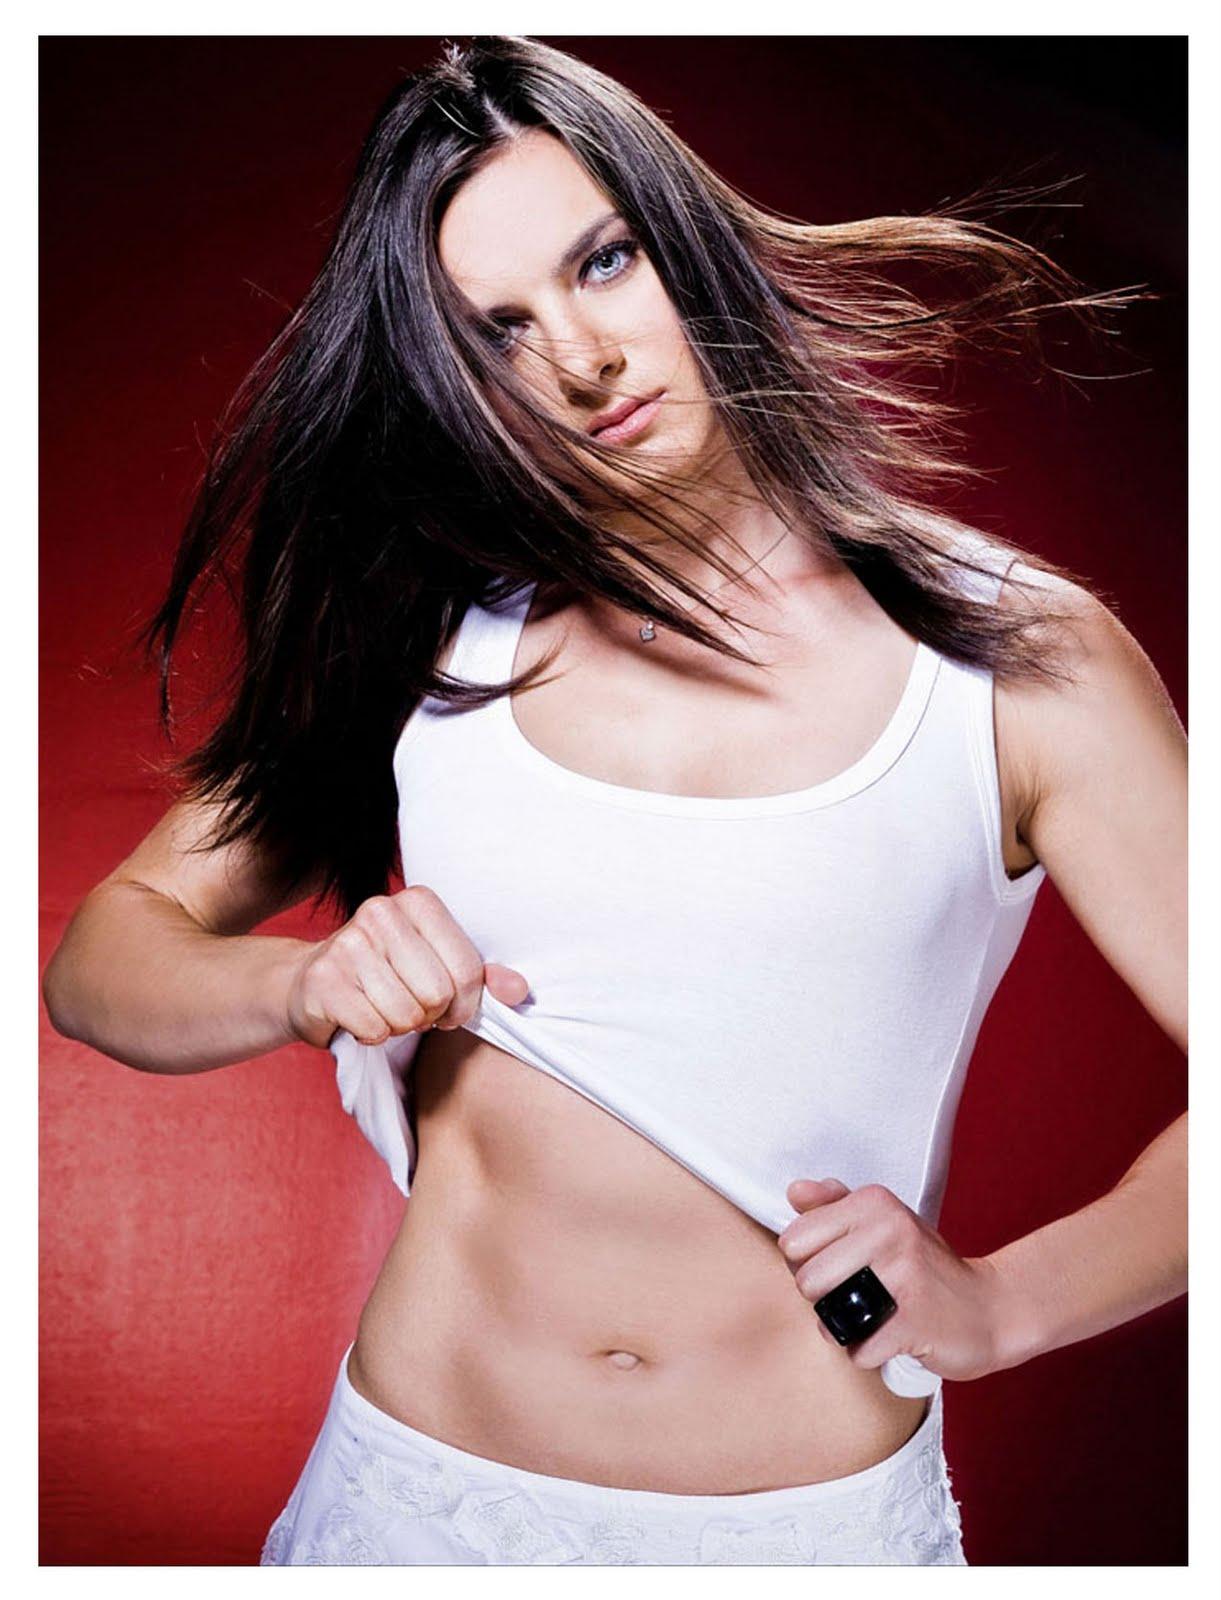 http://3.bp.blogspot.com/-dVRORfvb2bI/UBf1eQ6FOvI/AAAAAAAAAsc/_l4gQv87tX8/s1600/yelena_isinbayeva.jpg